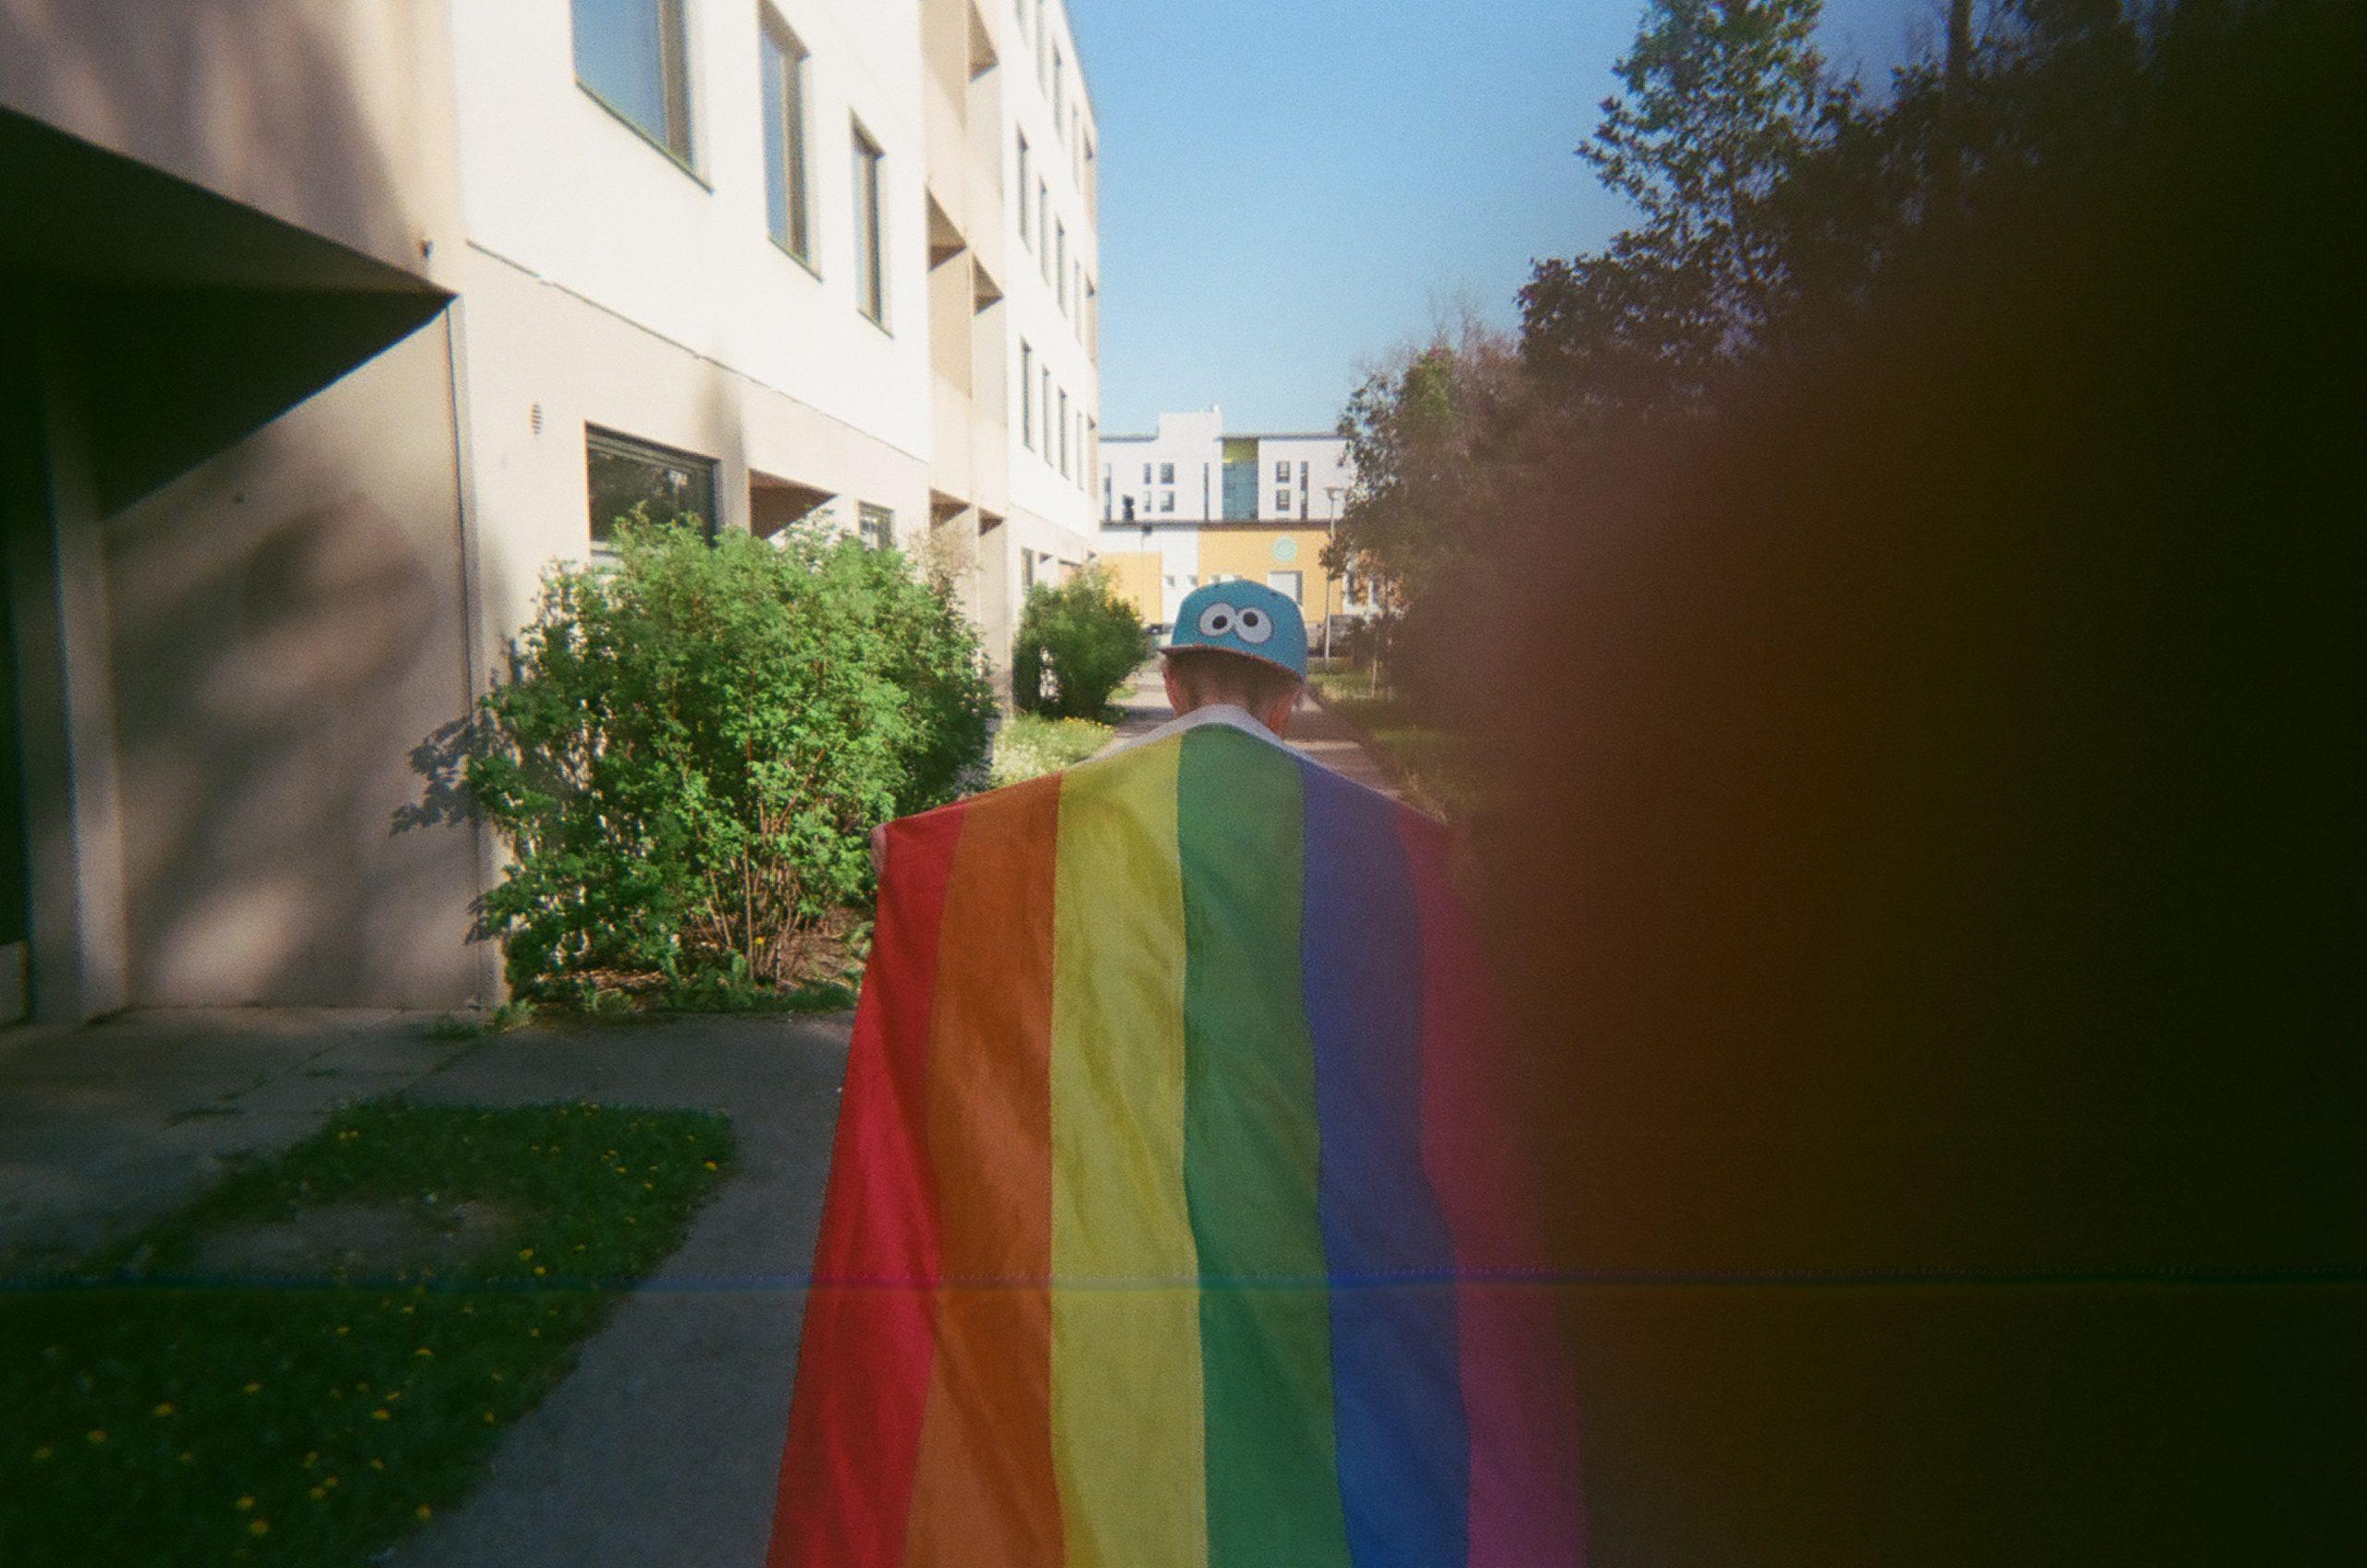 Silta05_alvin_tiala_kuva08_aikammeilmioita_pride